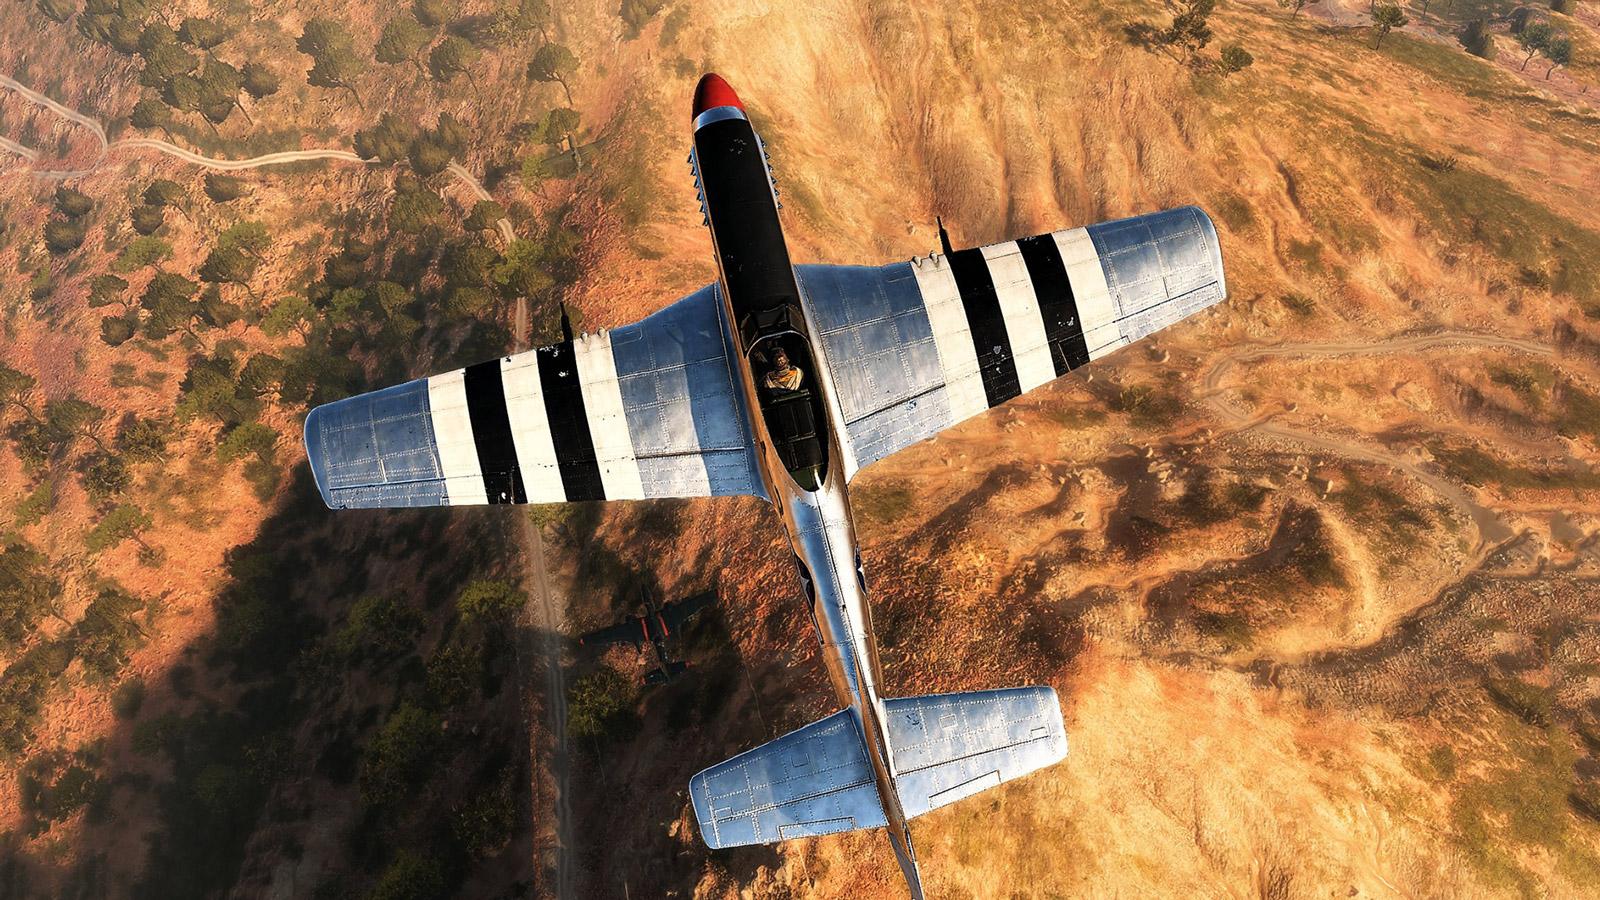 Battlefield V Wallpaper in 1600x900